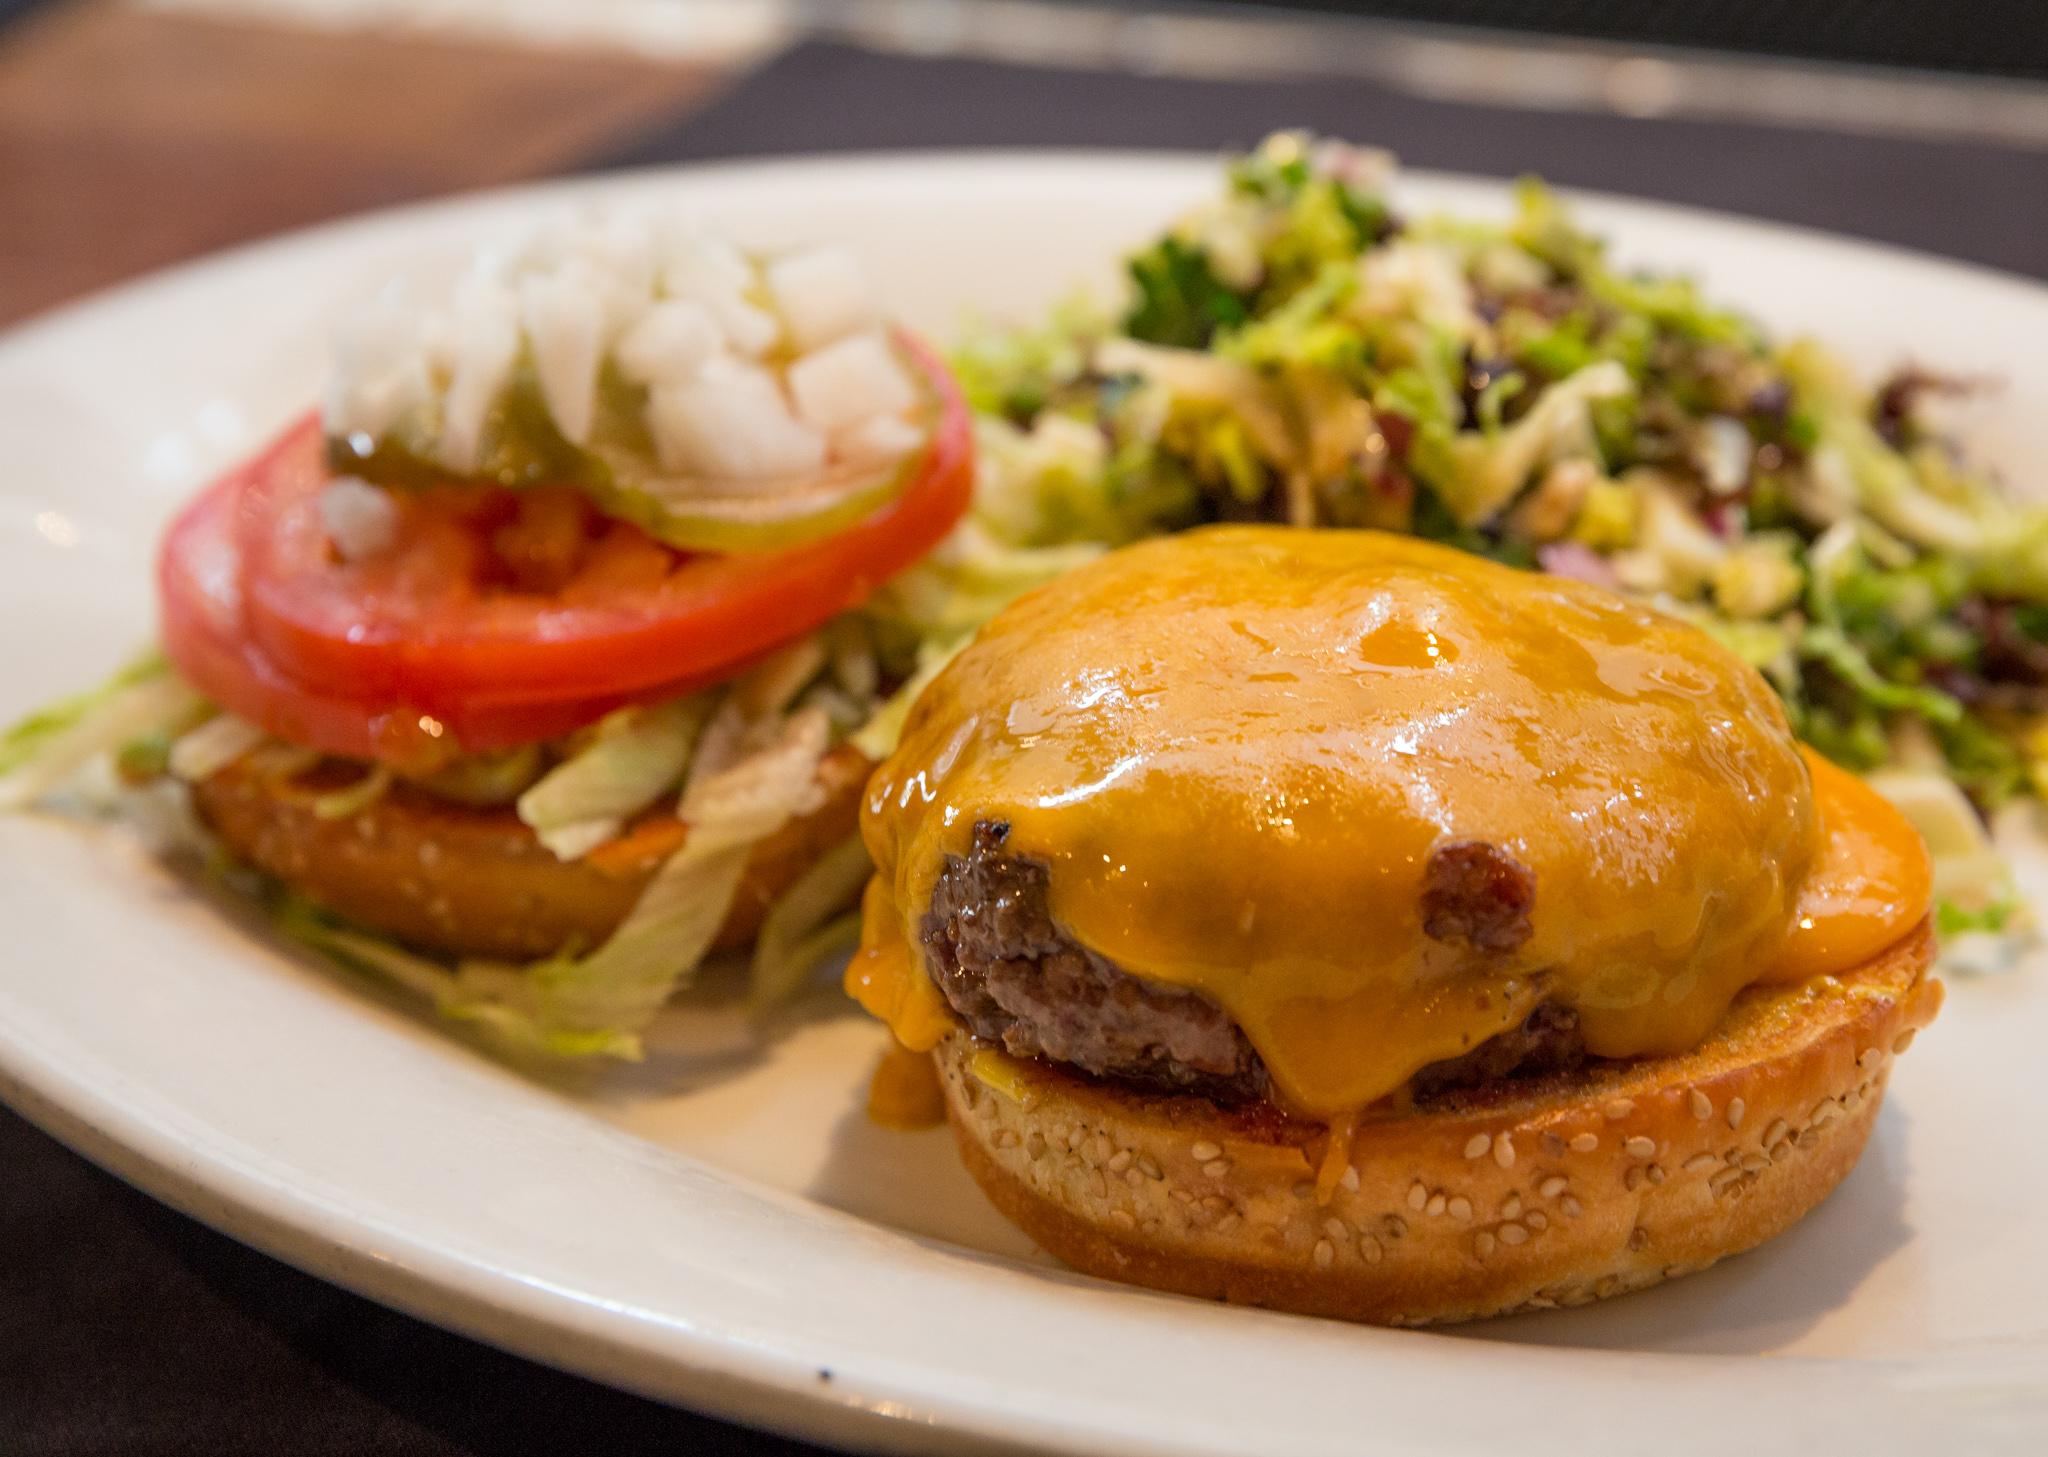 Nick's Laguna cheeseburger